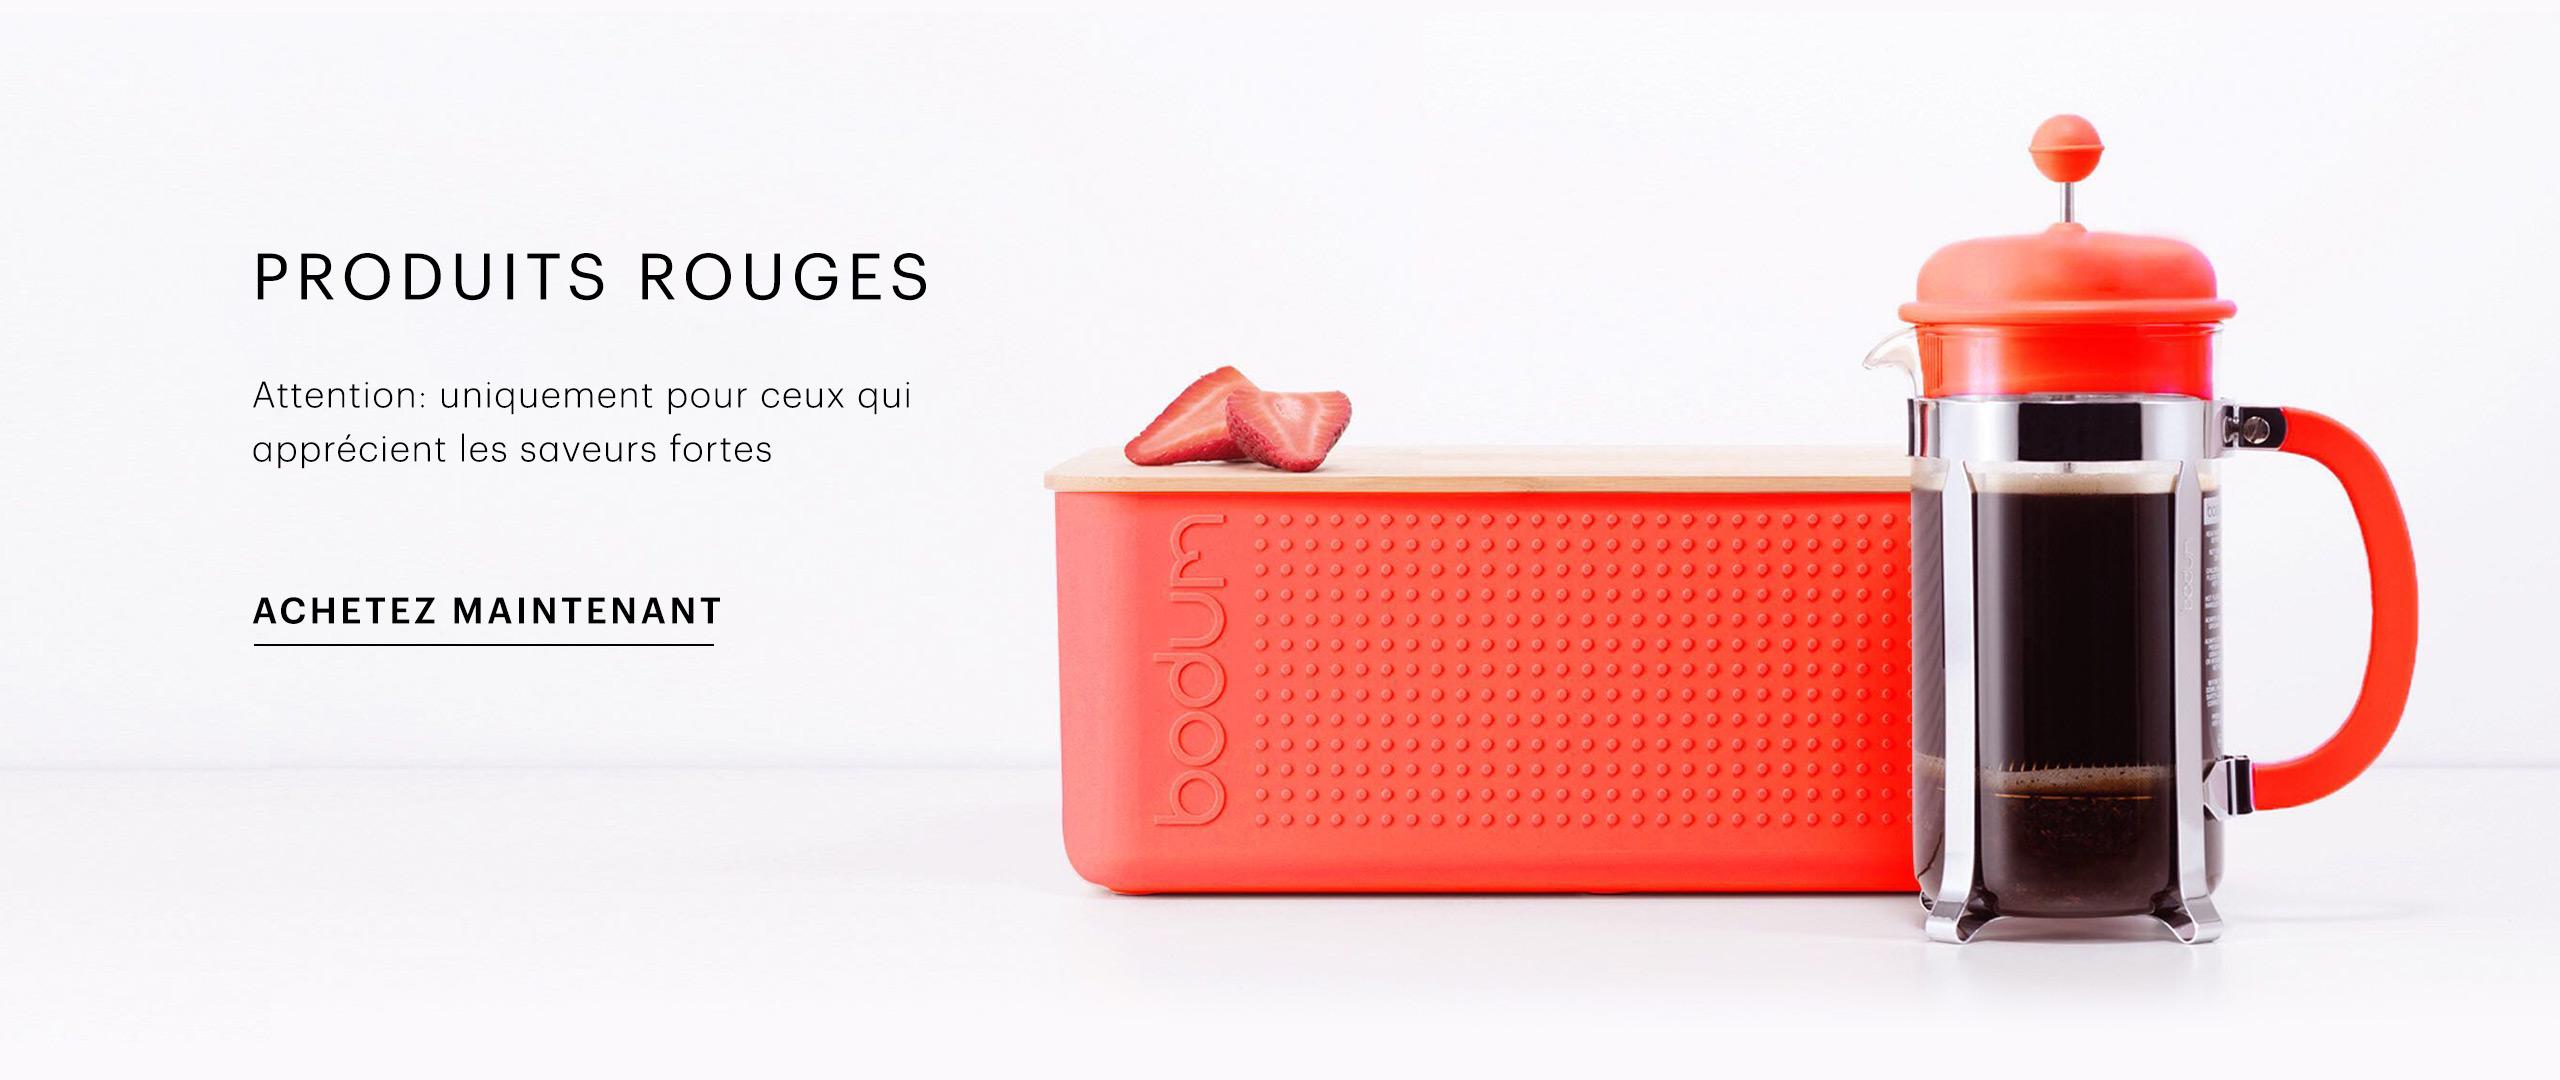 BEU [FR] - Red Specials